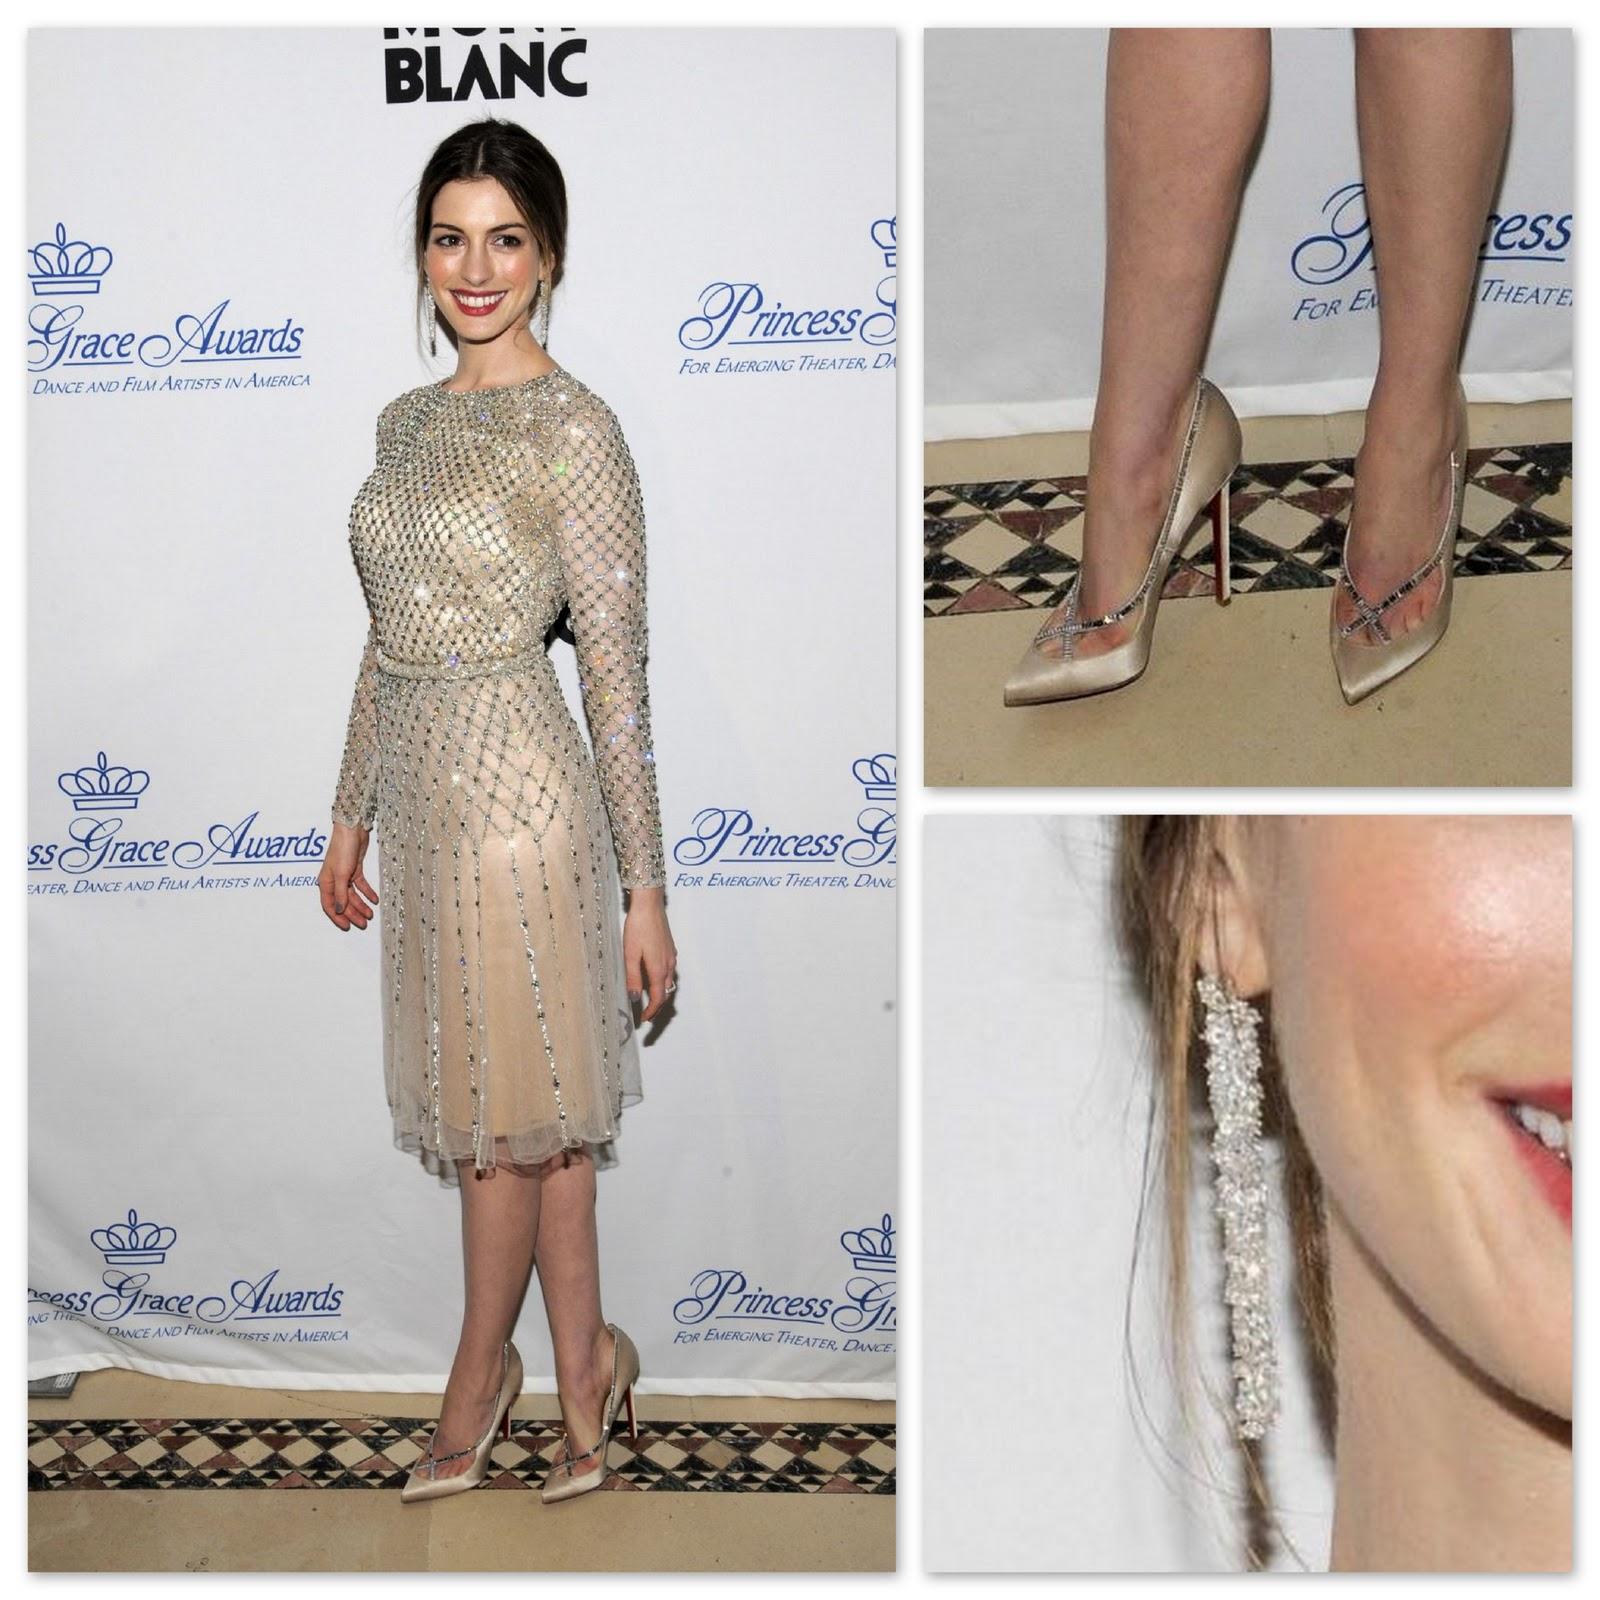 http://2.bp.blogspot.com/-KefW-fQAeeQ/TrX8QowJFPI/AAAAAAAAExM/BuhW80voQ1M/s1600/best+dressed1.jpg